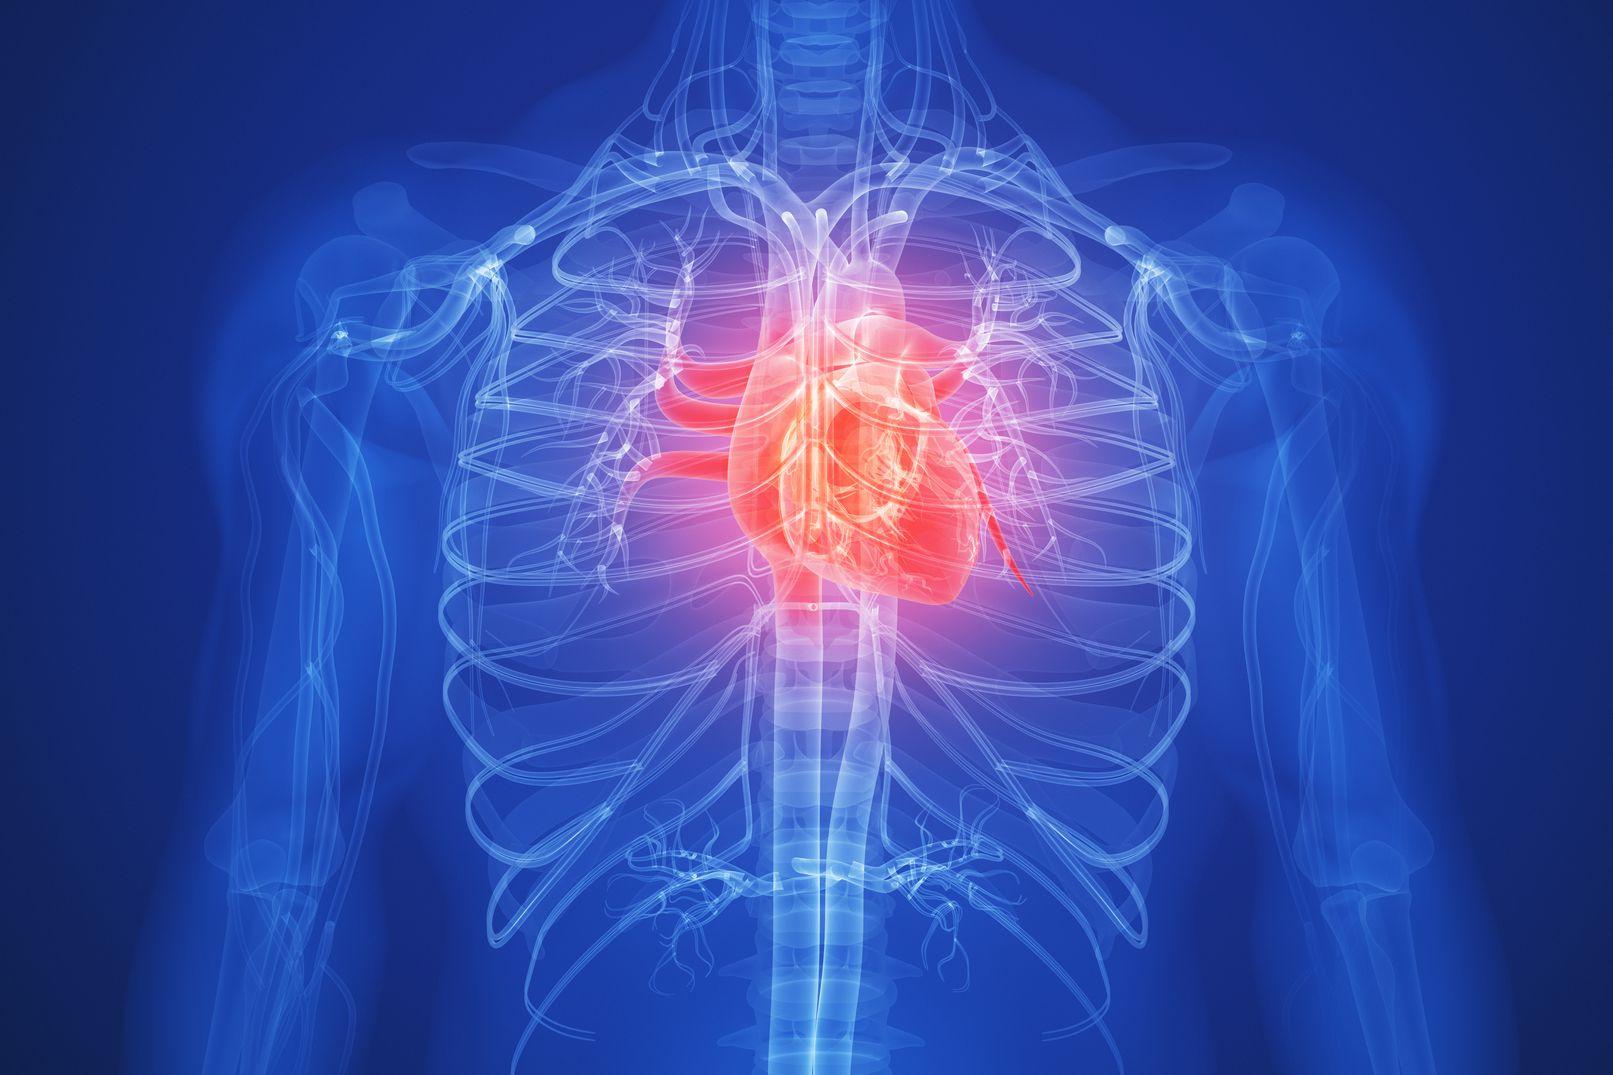 اعراض روماتيزم القلب عند النساء